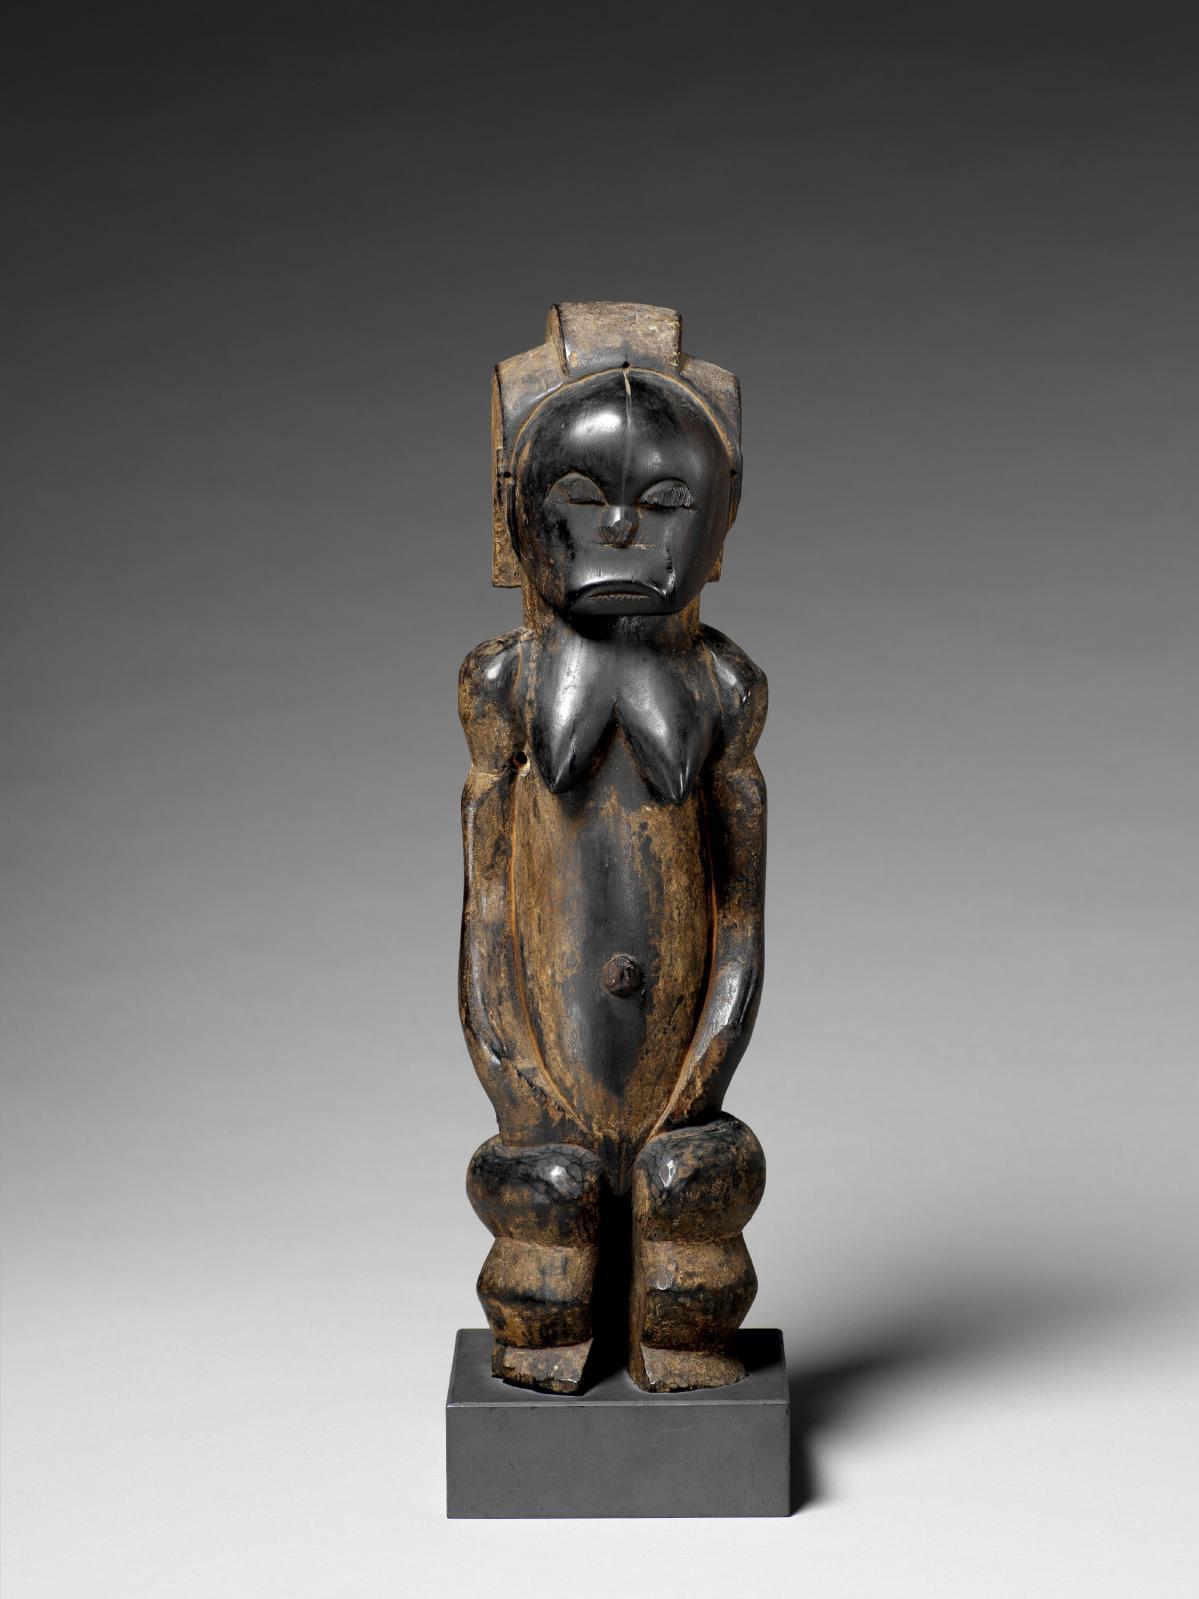 Statuette en bois anthropomorphe, figure féminine debout, les bras le long du corps. Cette sculpture était fixée sur la boîte contenant les ossements